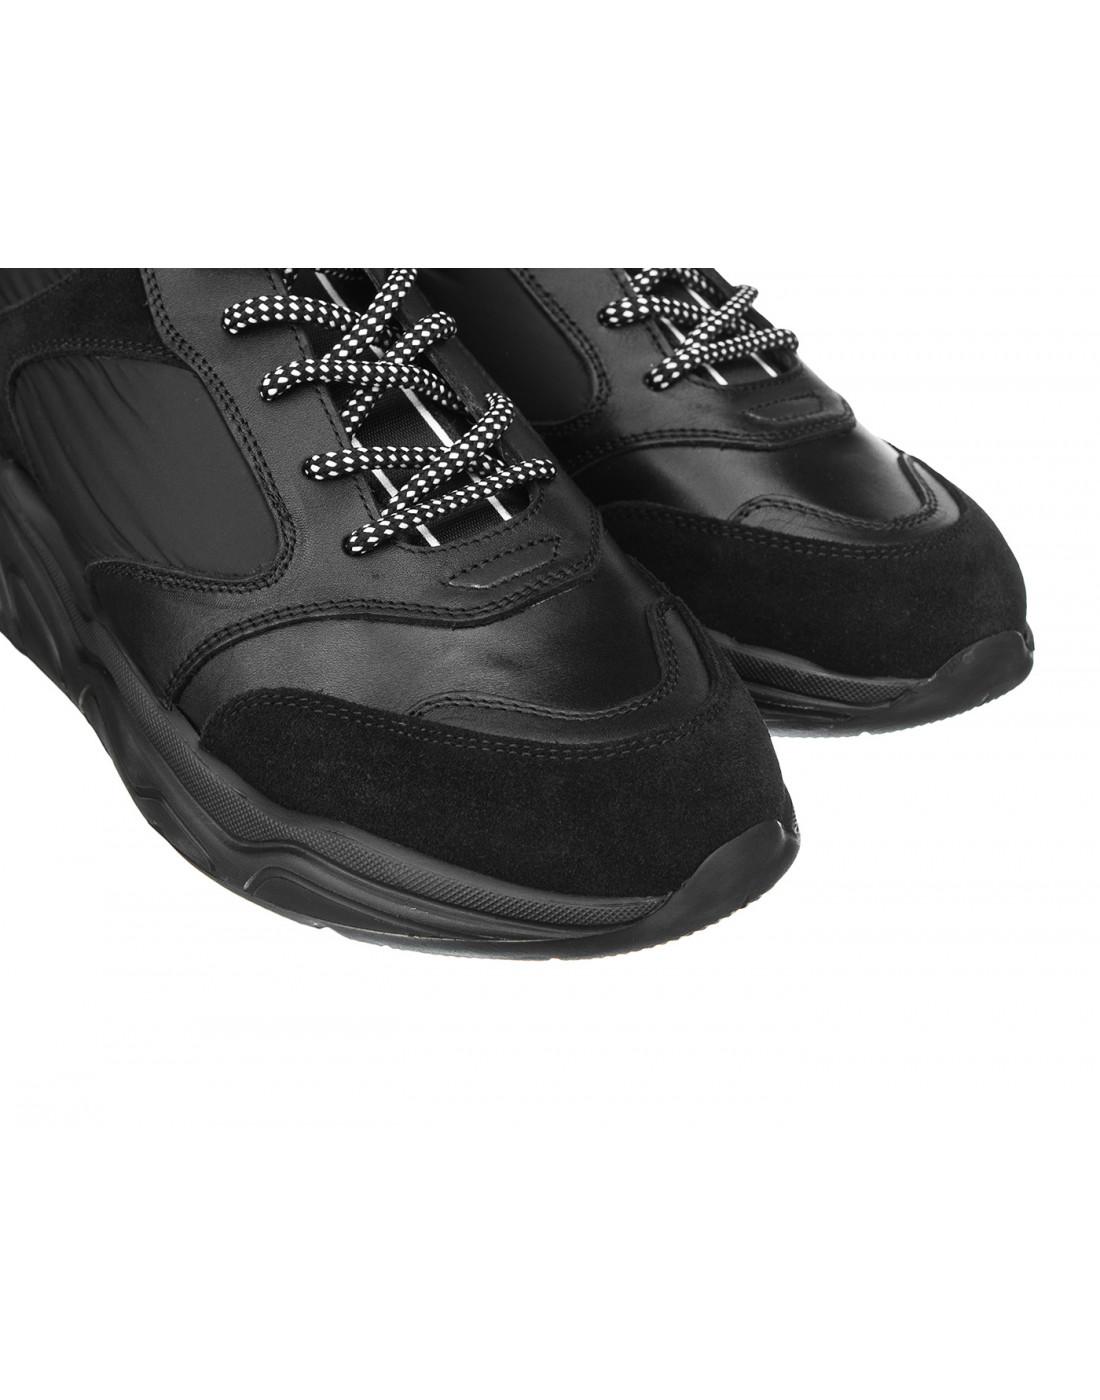 Кроссовки черные мужские Stokton S33-4